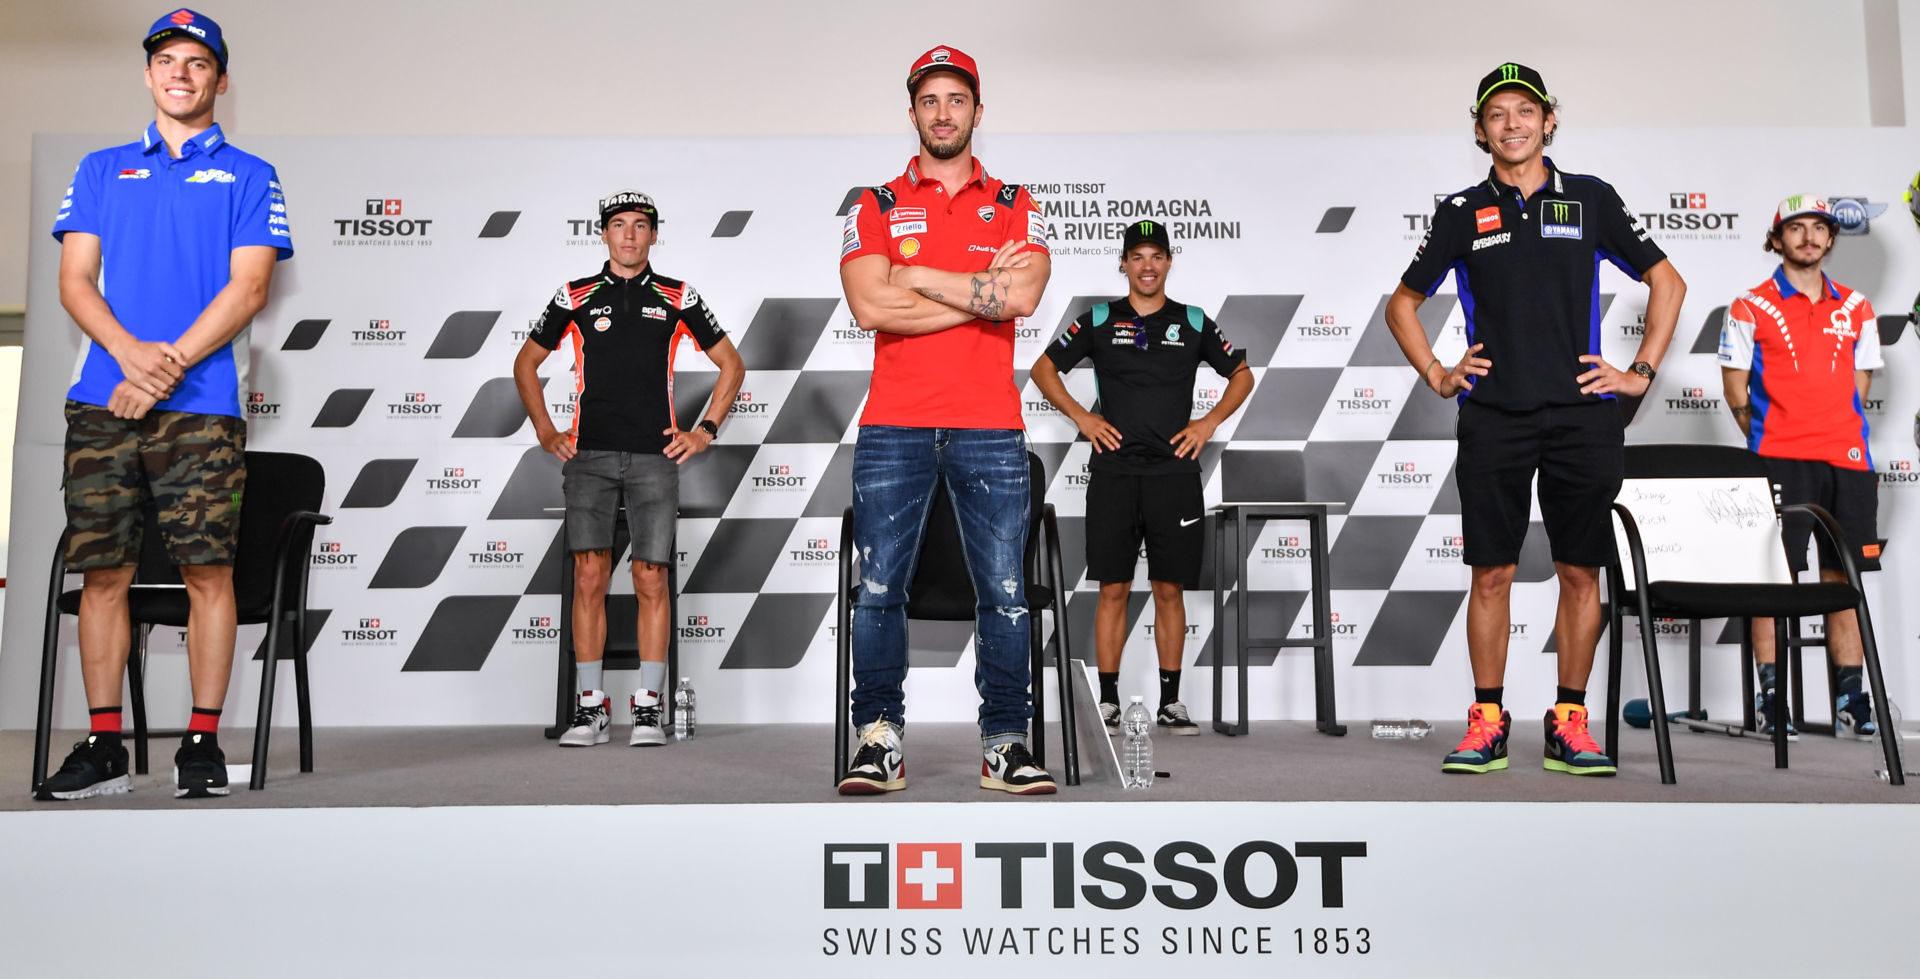 MotoGP riders (from left) Joan Mir, Aleix Espargaro, Andrea Dovizioso, Franco Morbidelli, Valentino Rossi, and Francesco Bagnaia at the pre-event press conference at Misano II. Photo courtesy Dorna.